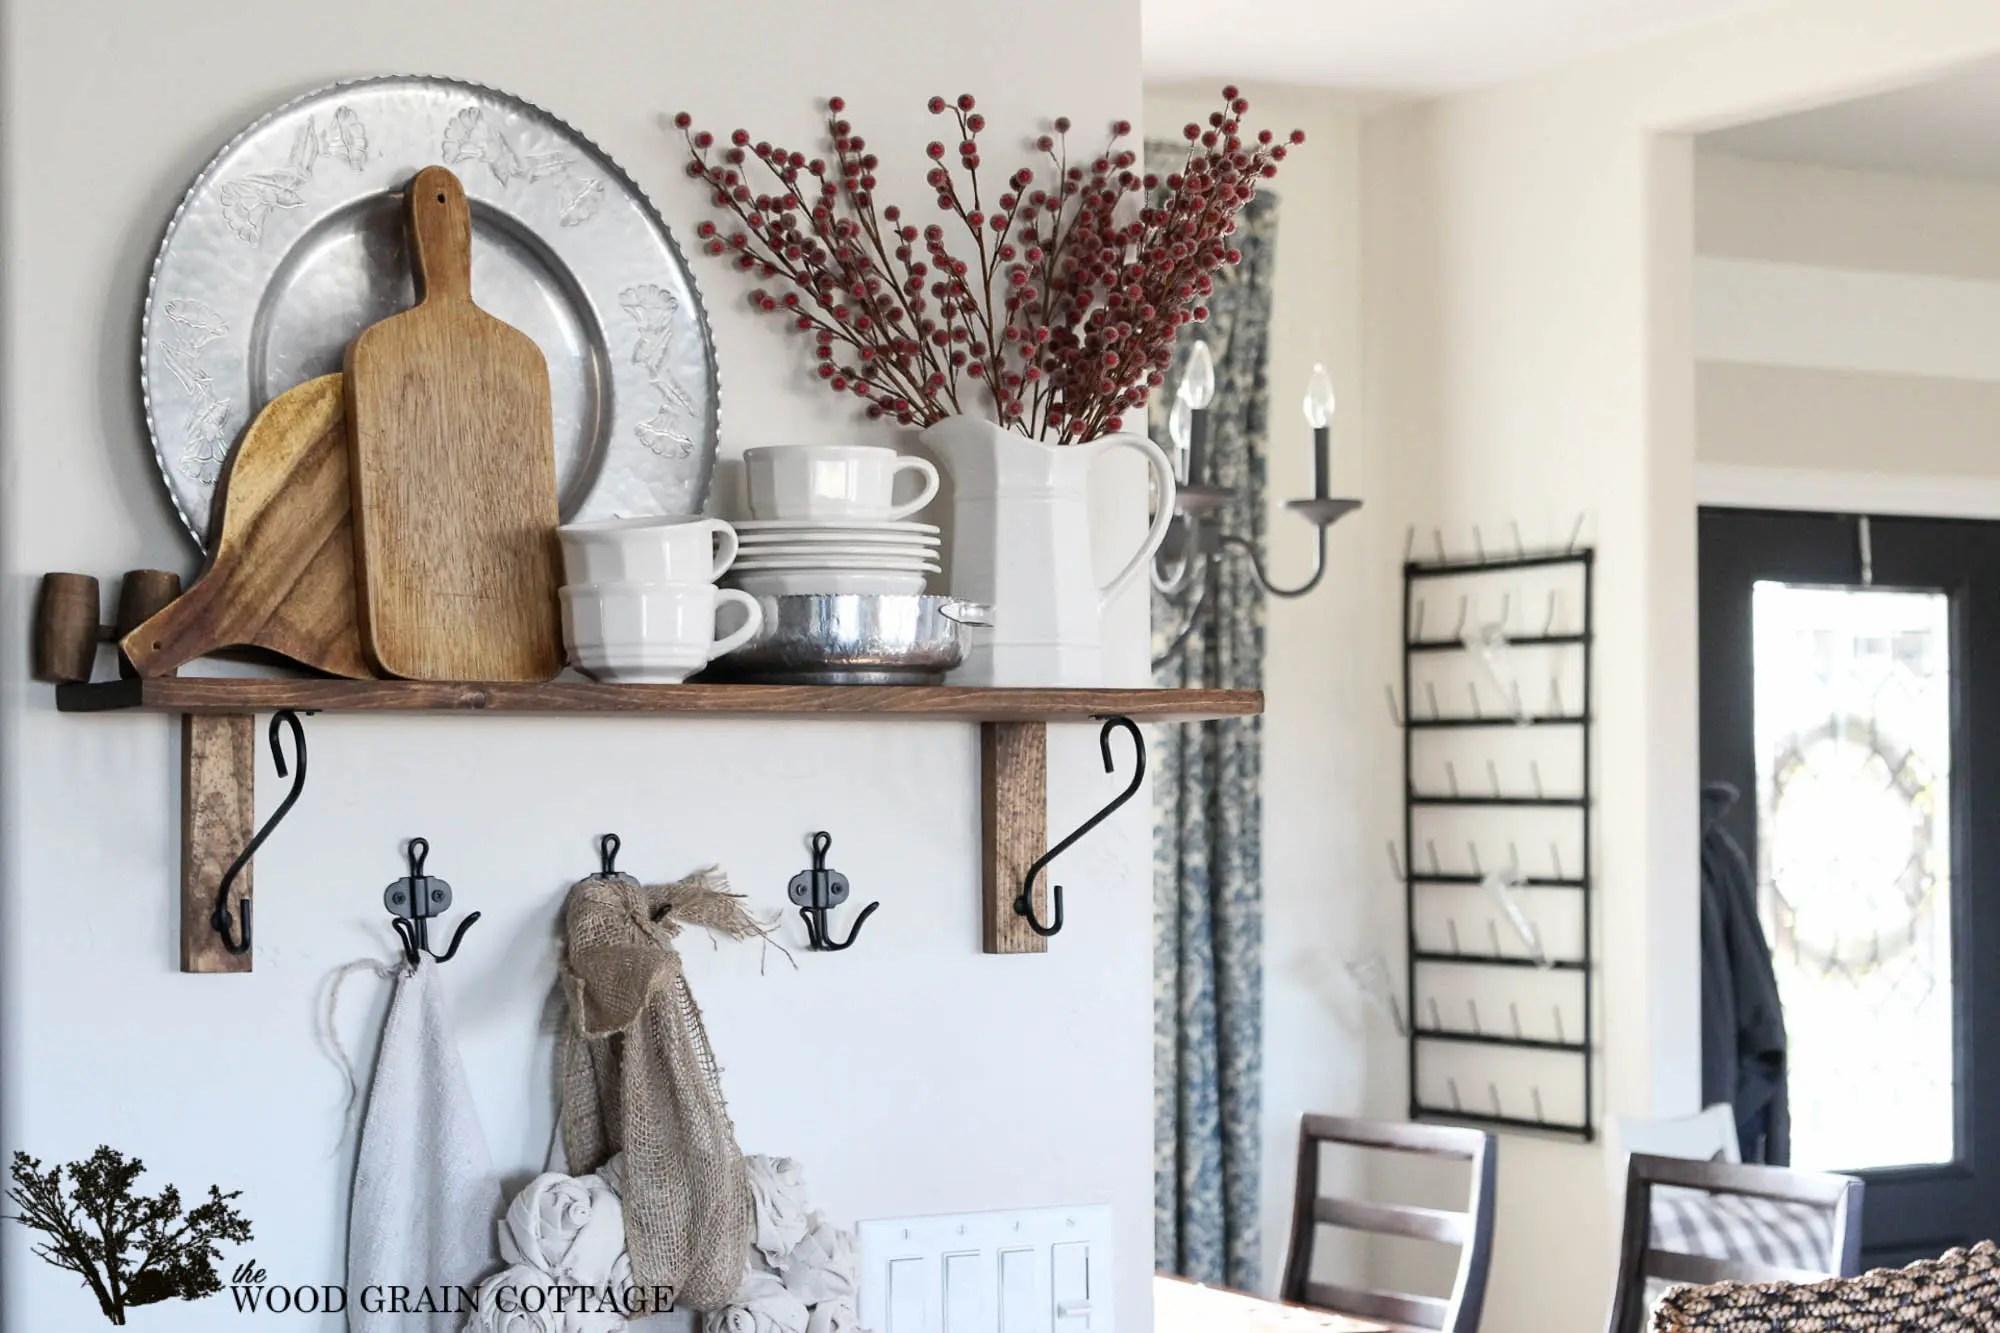 Fullsize Of Home Decor Shelving